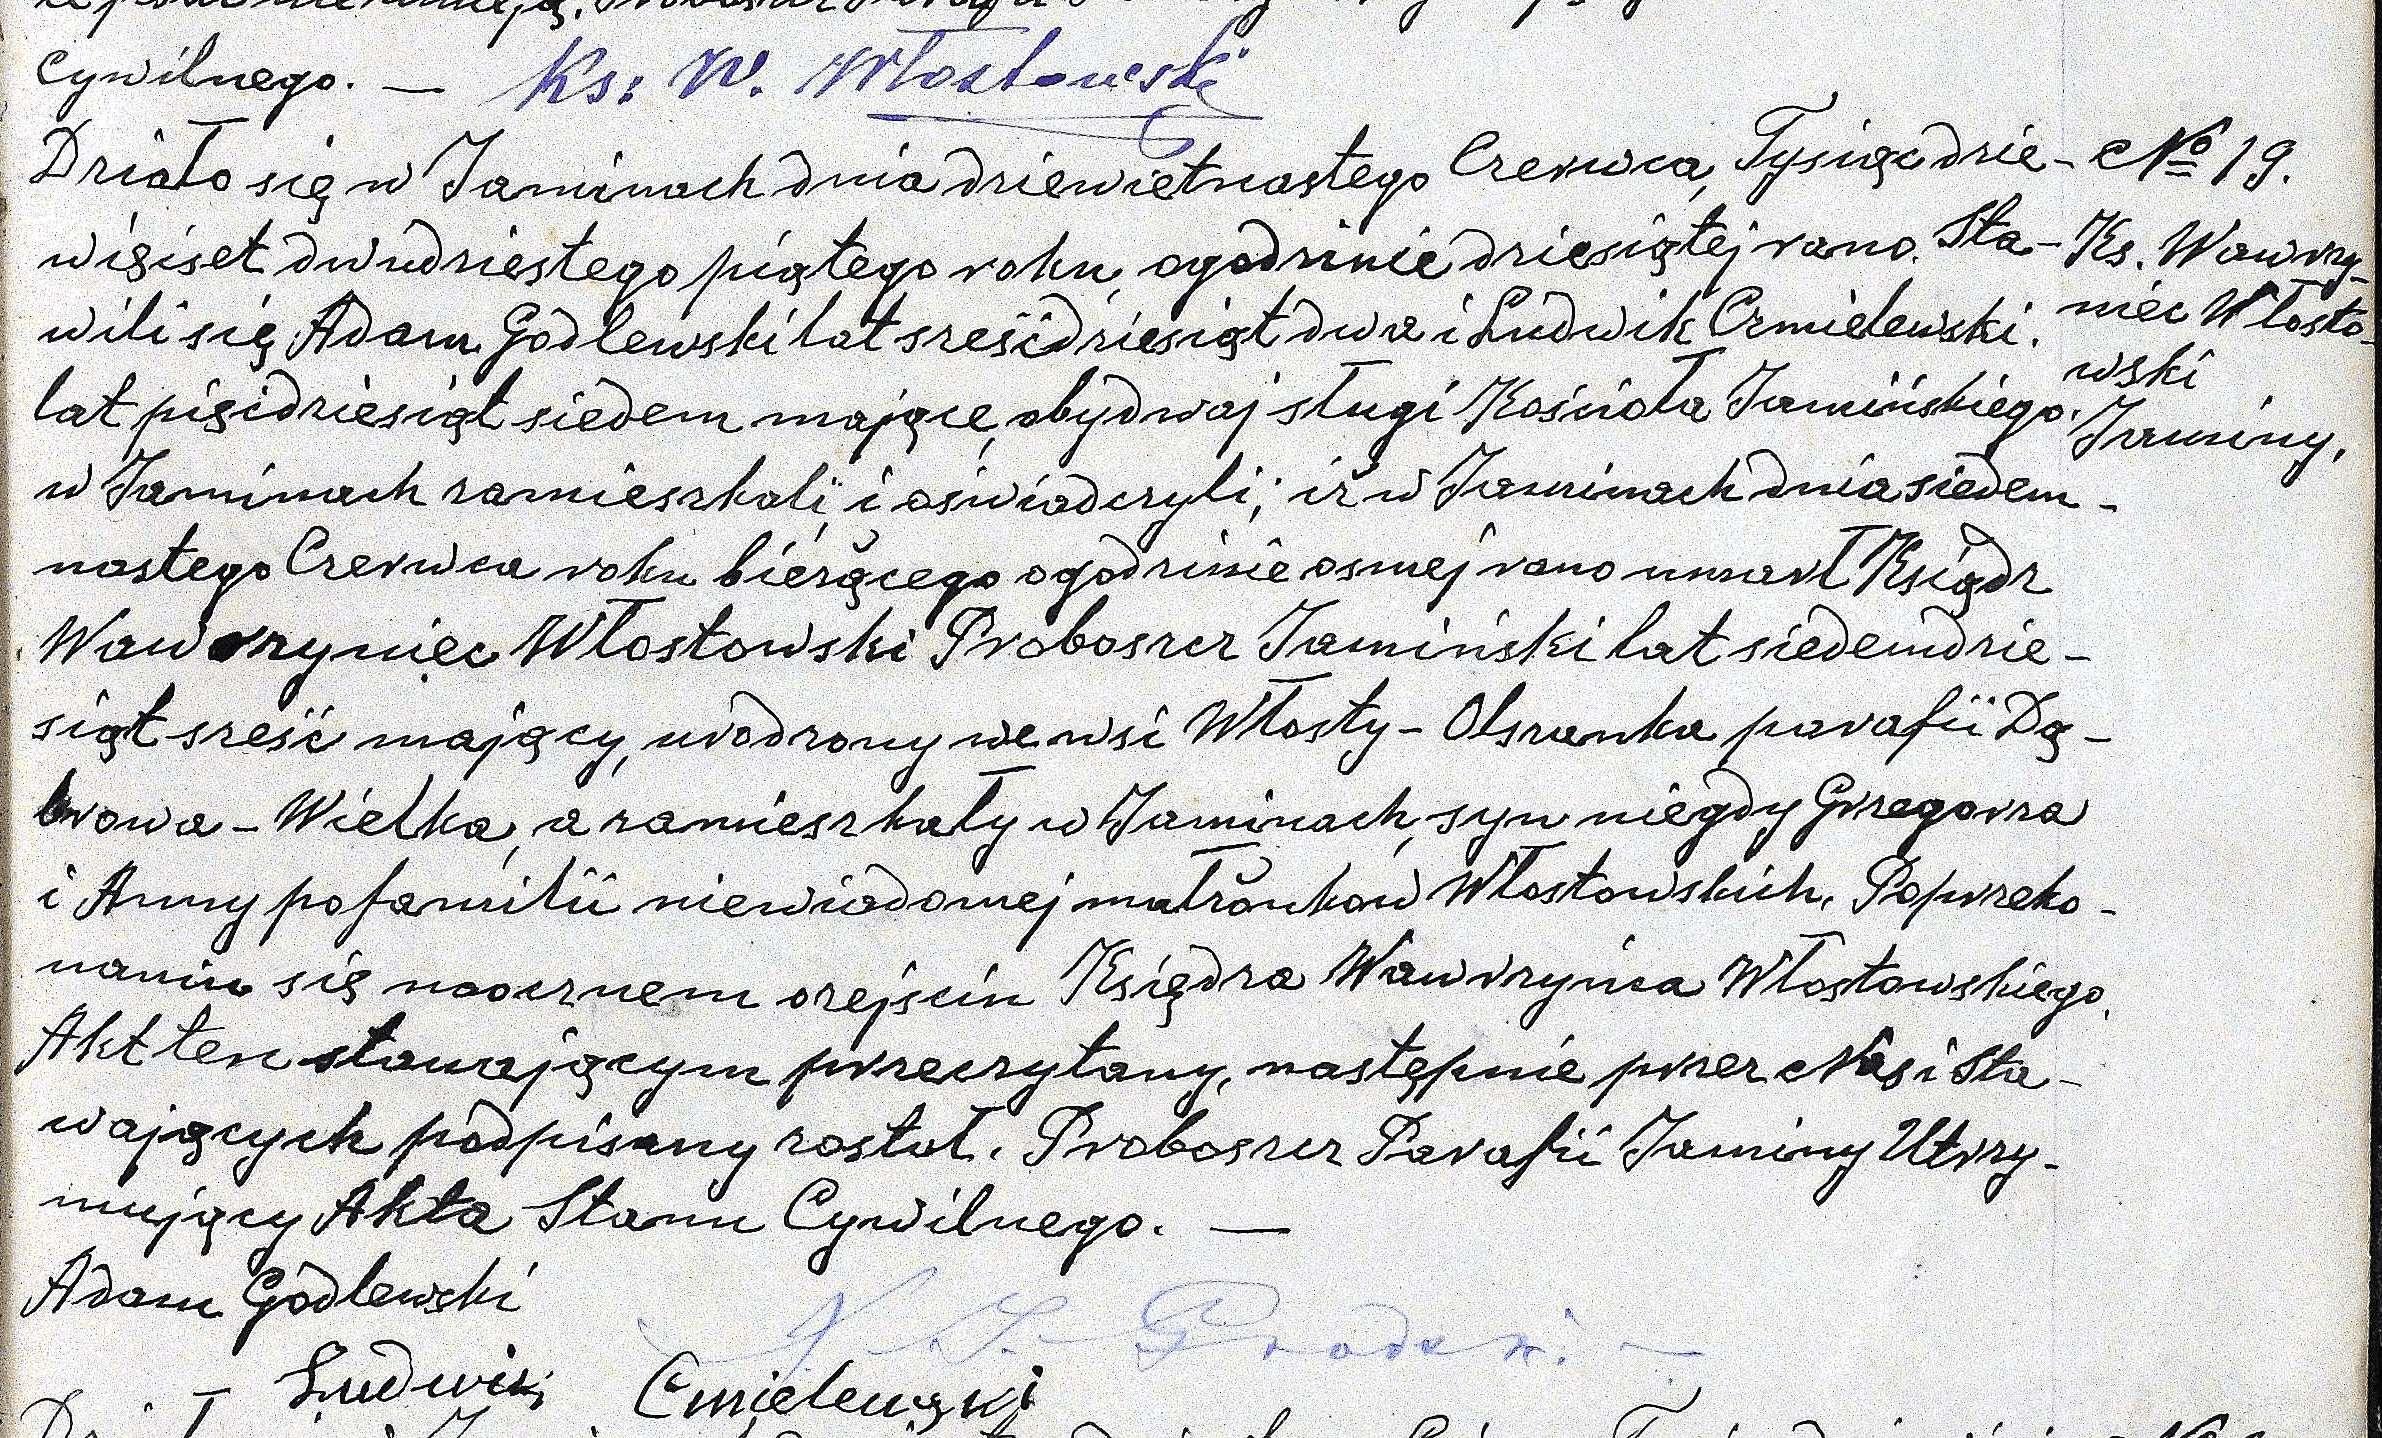 Akt zgonu ks. Wawrzyńca Włostowskiego z 1925 roku. Na górze widać jego ostatni podpis złożony pod poprzednią metryką.